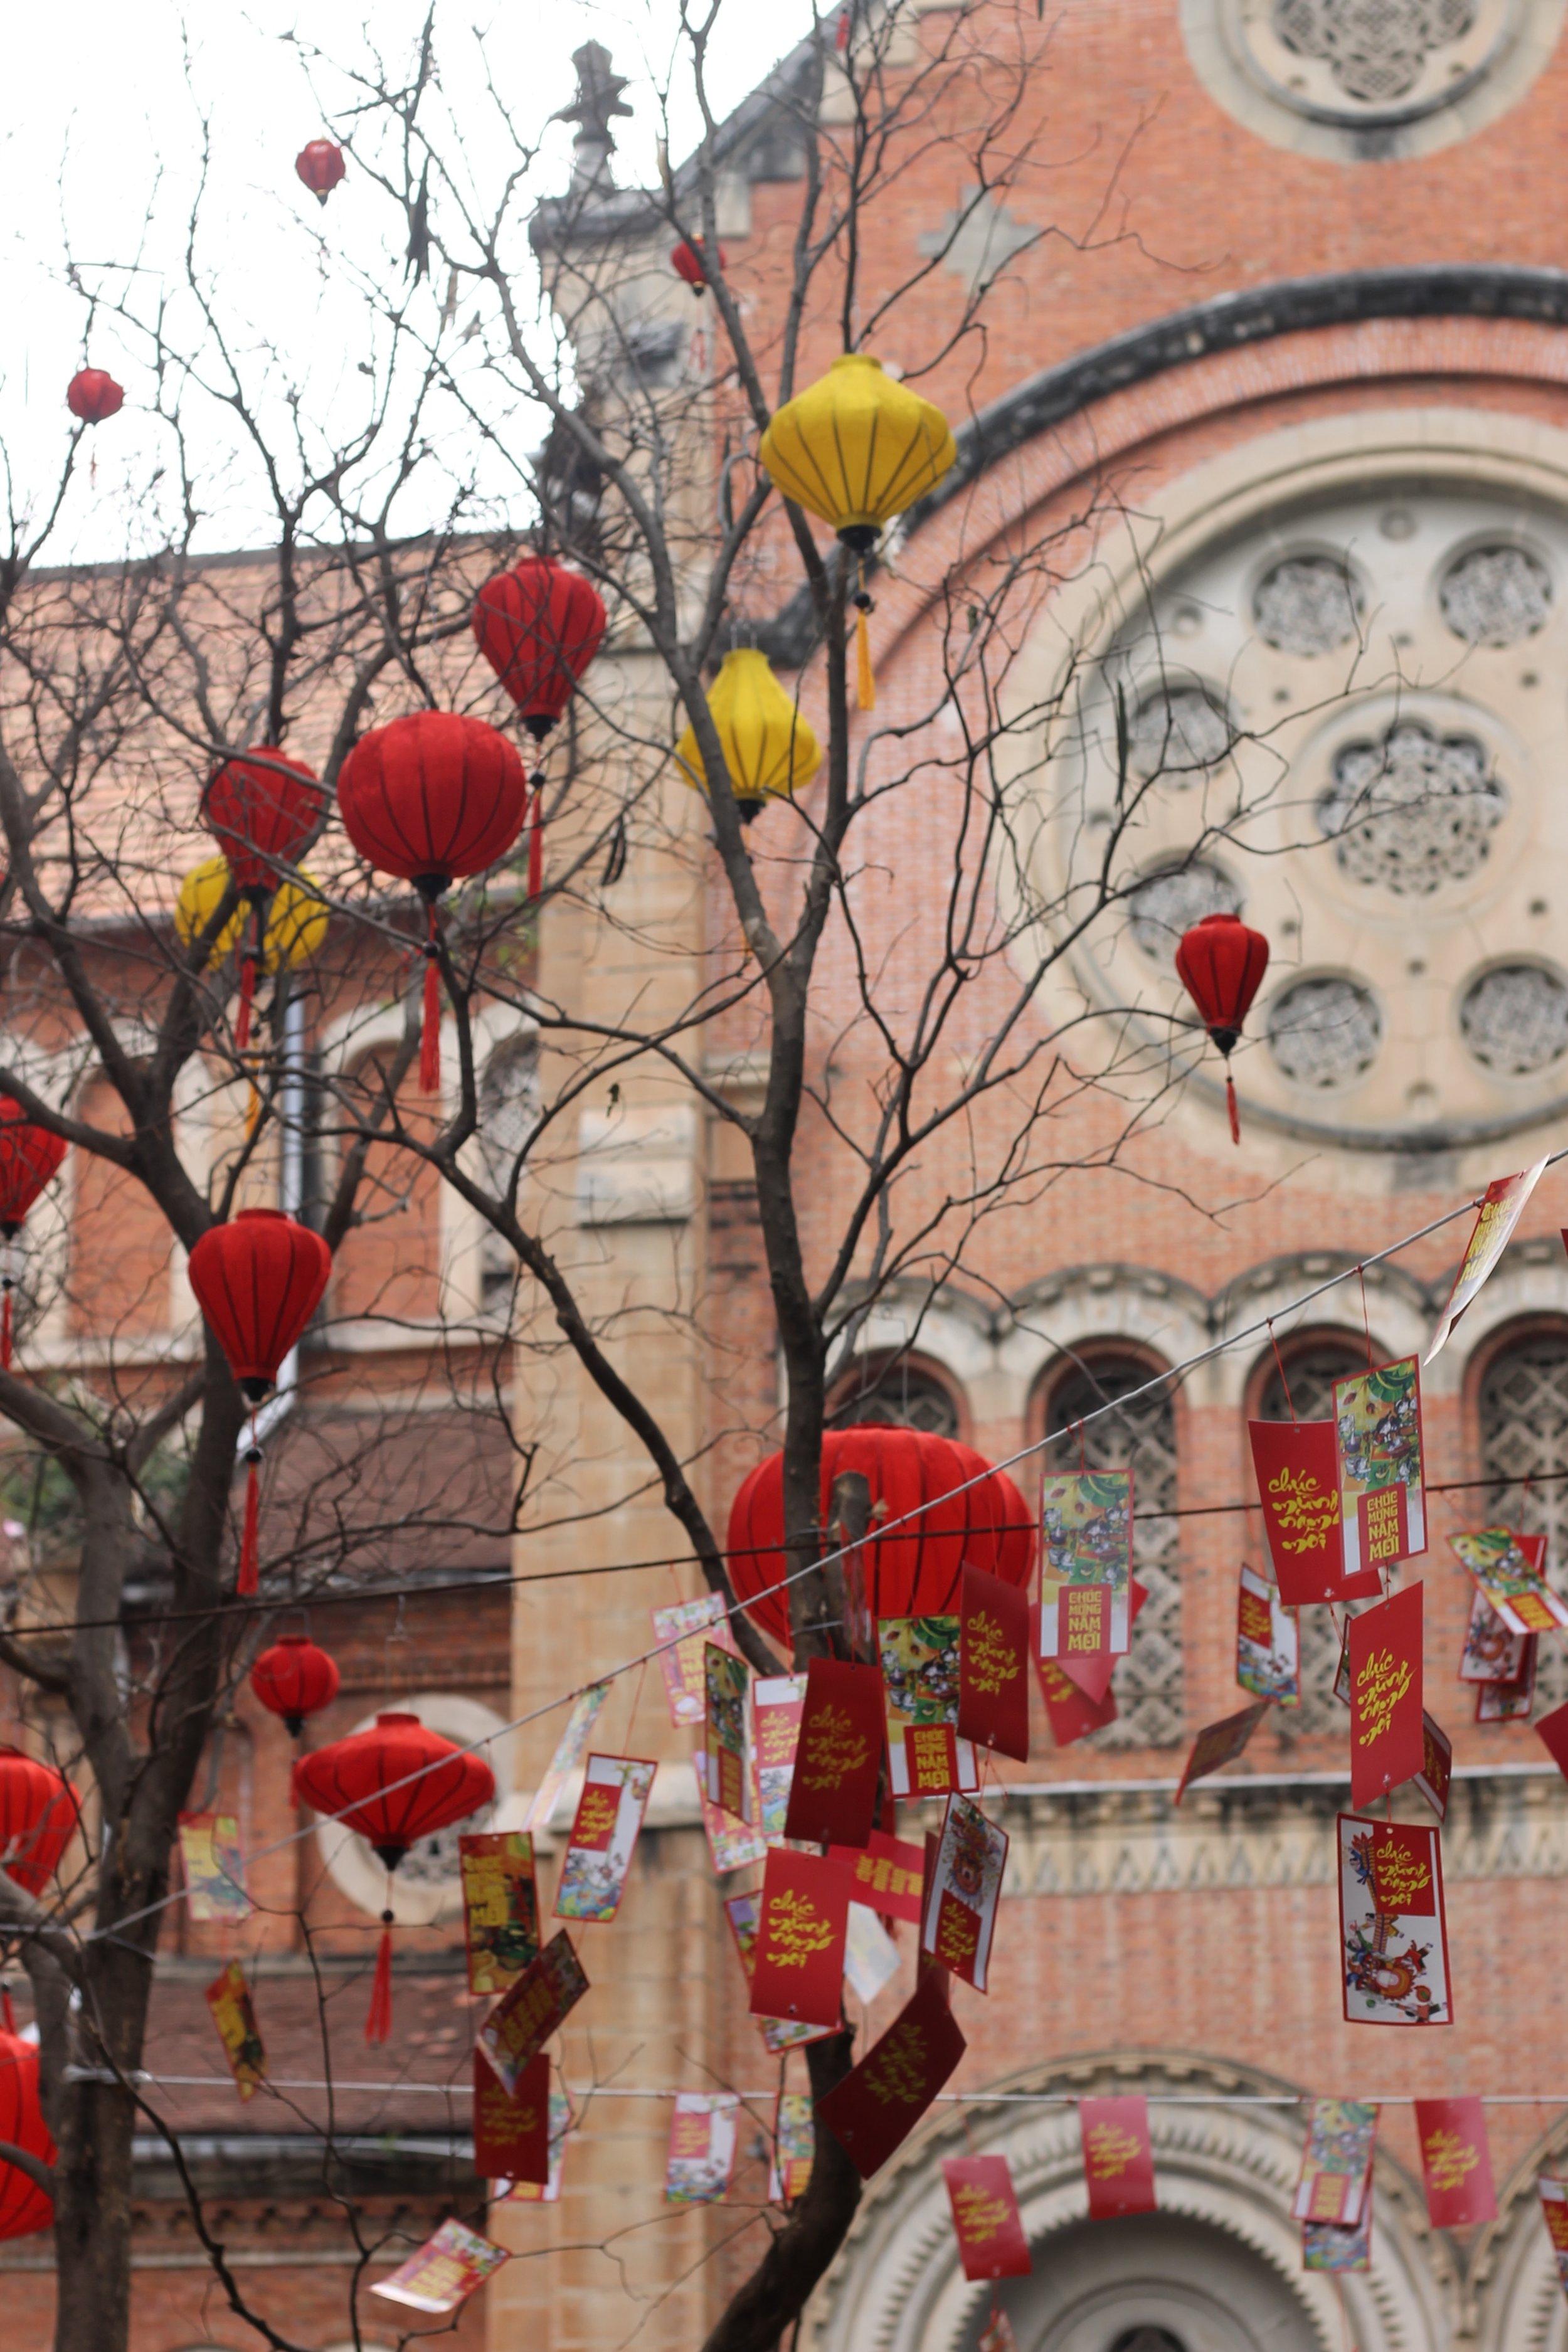 The Lunar New Year in Saigon.